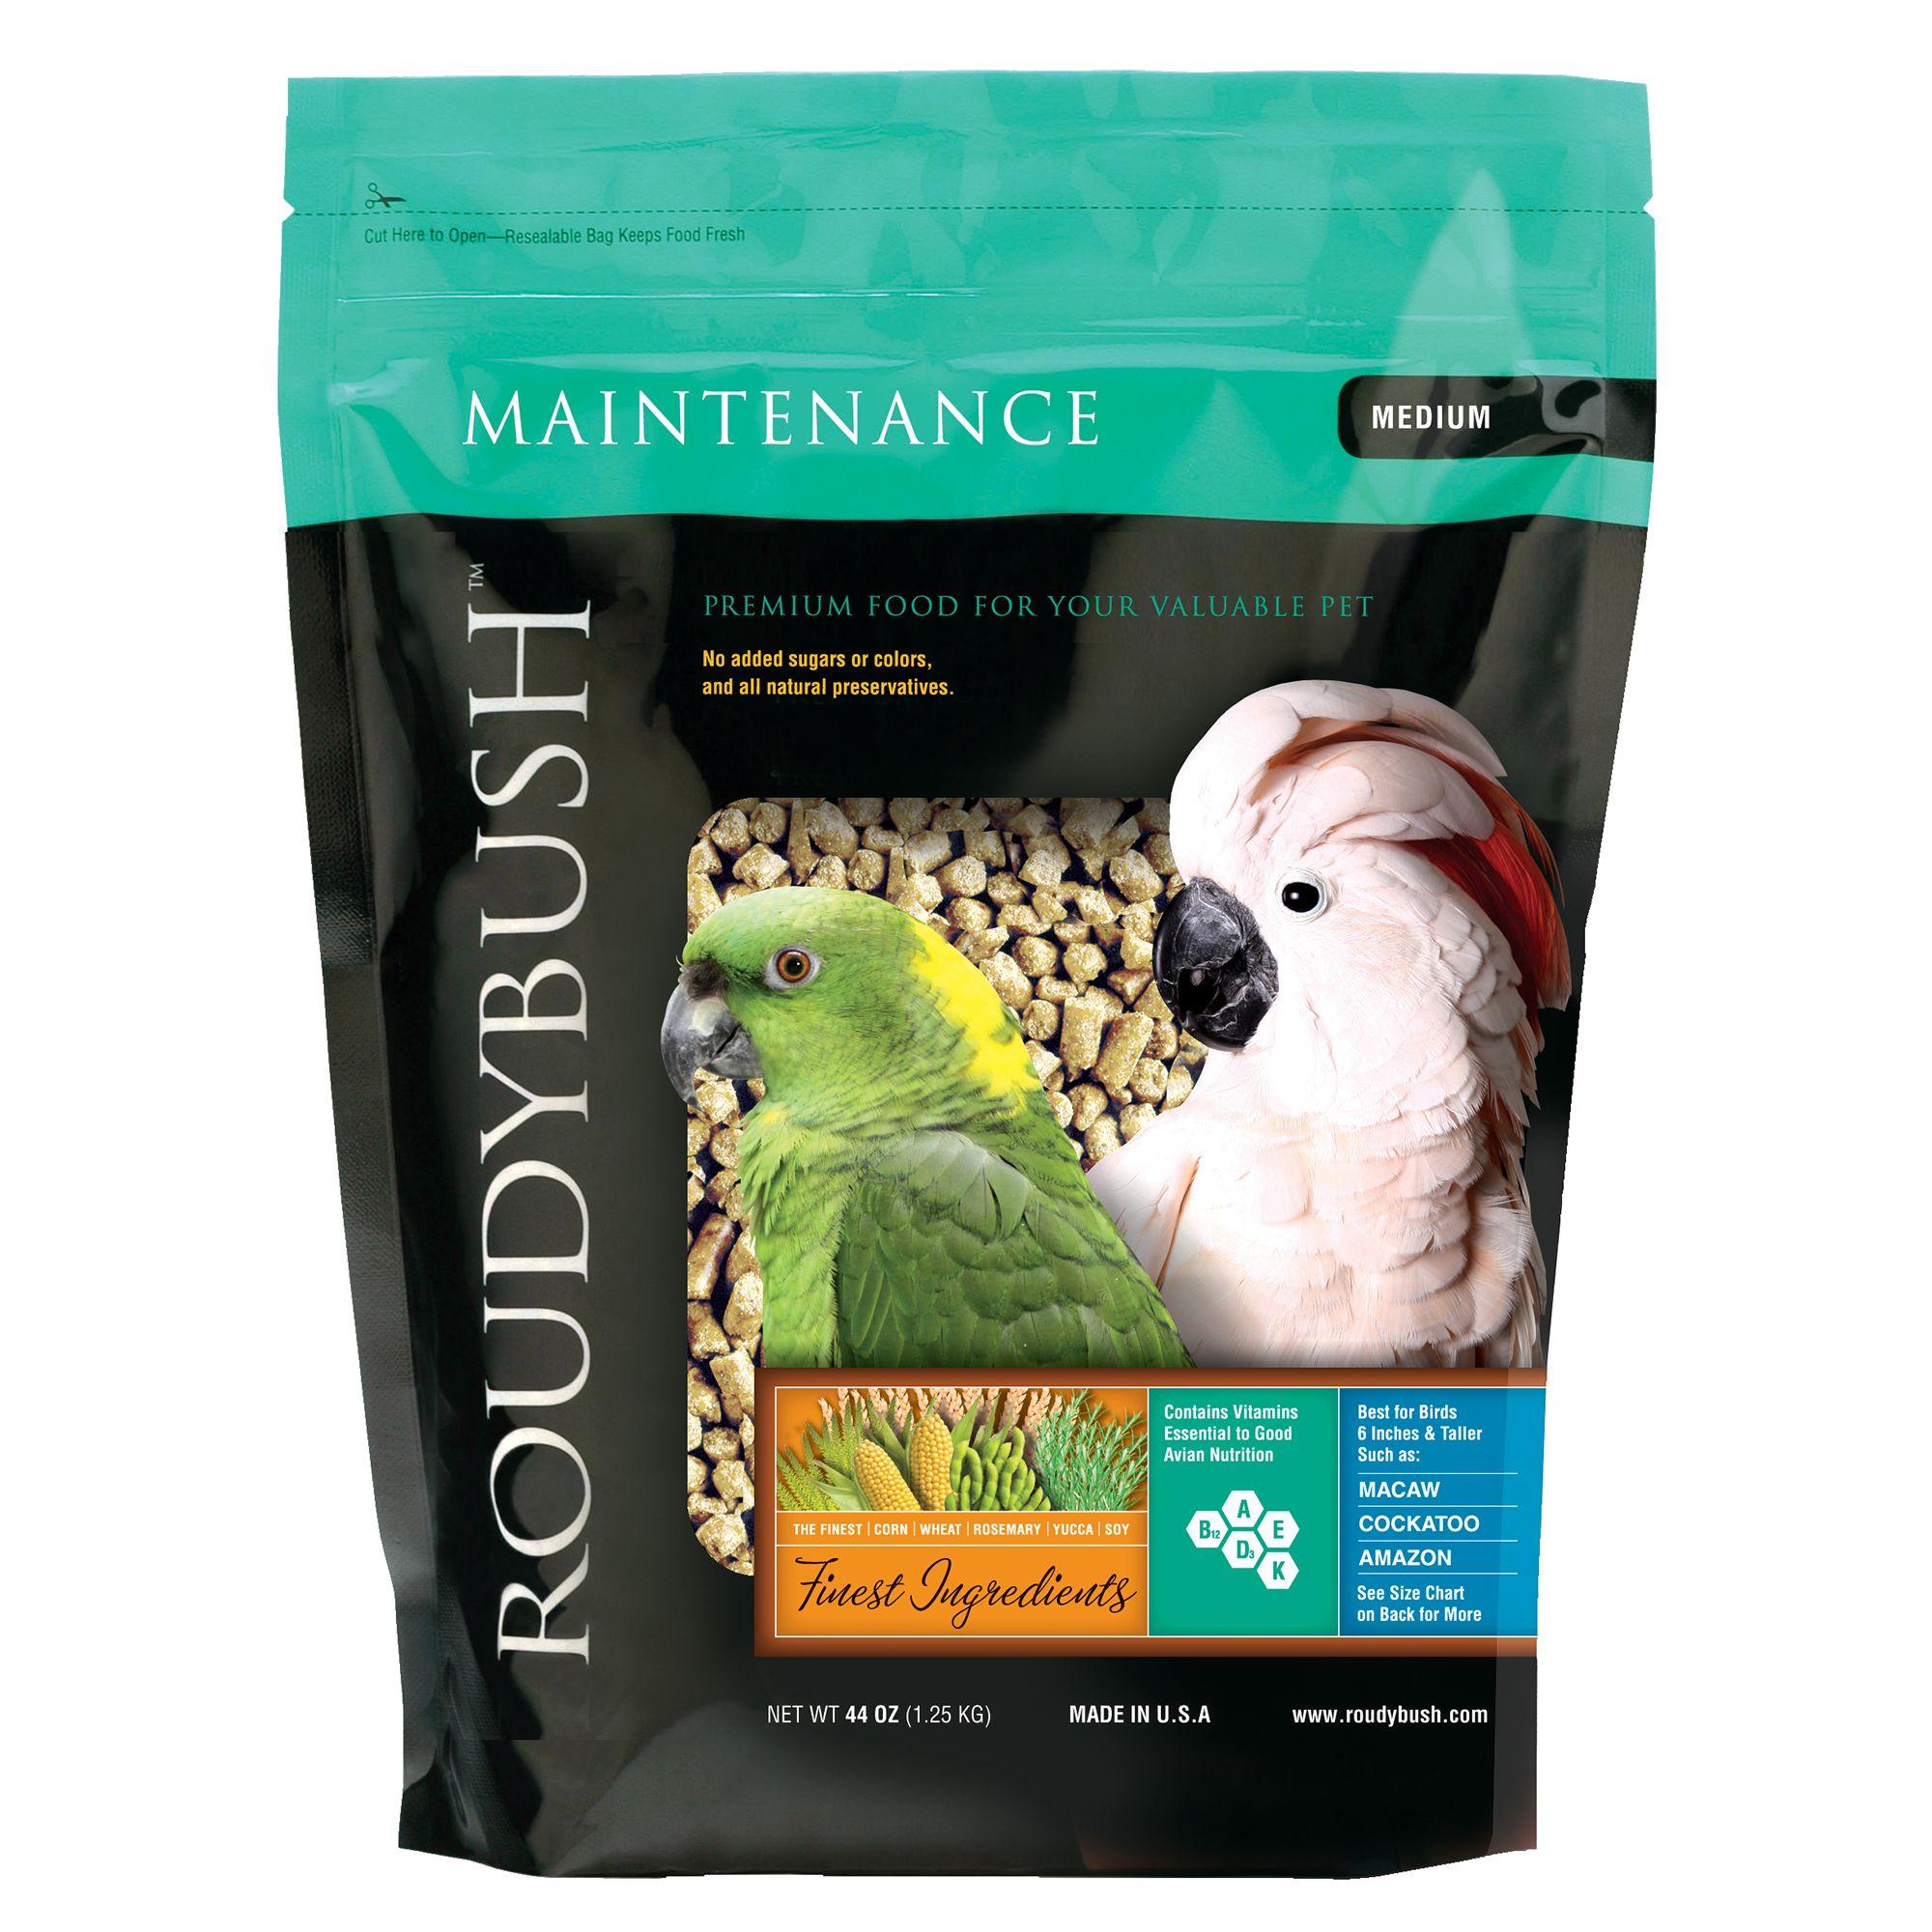 Roudybush Maintenance Medium Pellets Bird Food Size 44 Oz